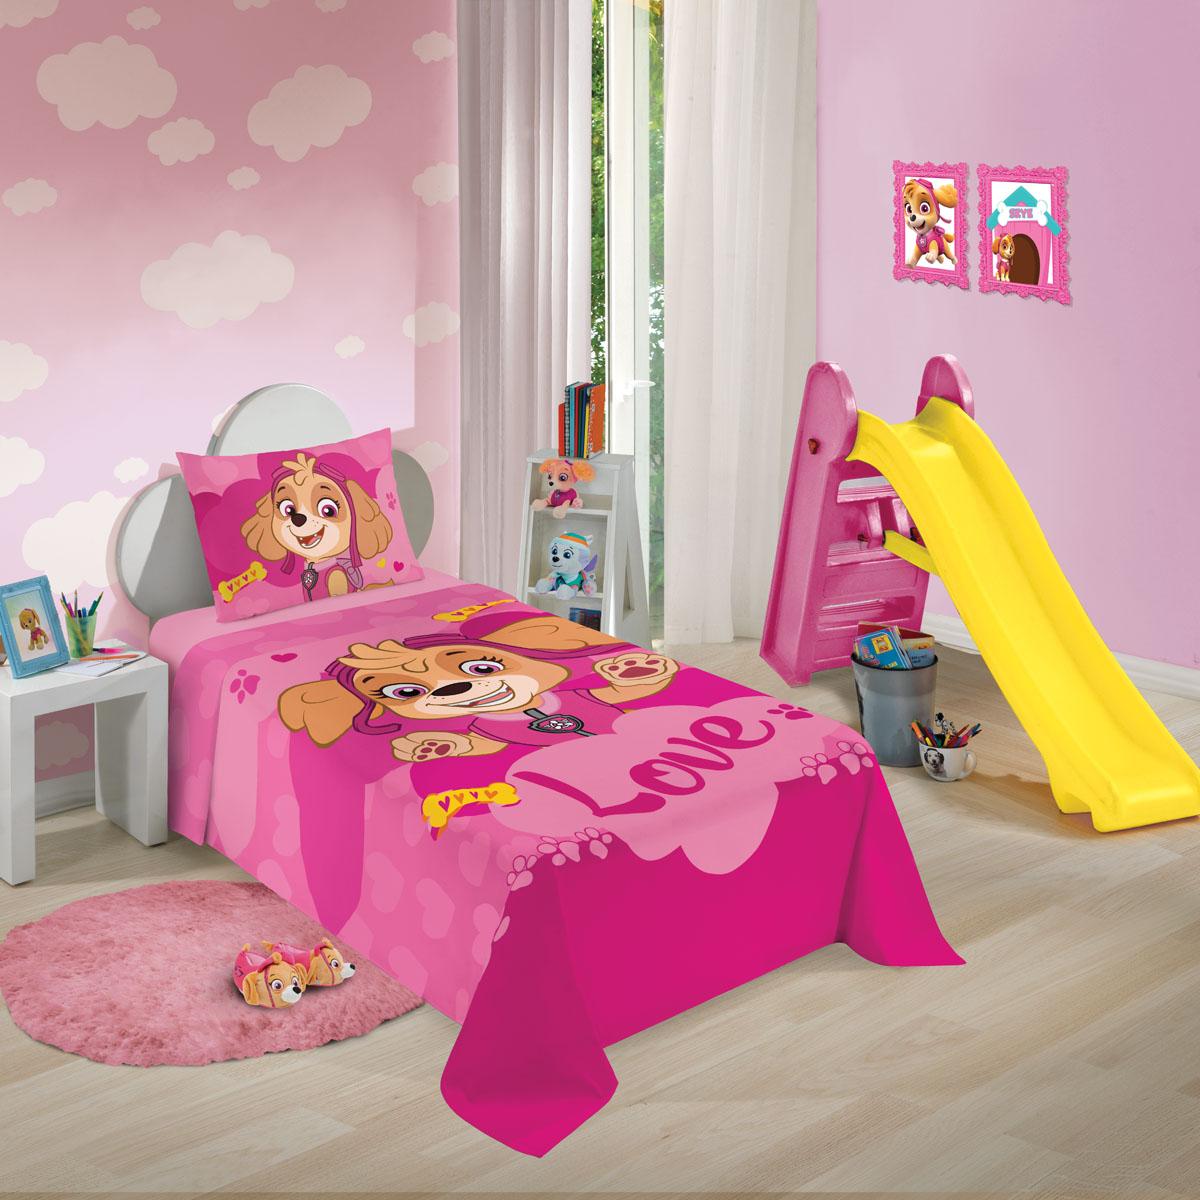 Jogo de cama Solteiro Patrulha canina menina Mod 3 150x210 c/2pc